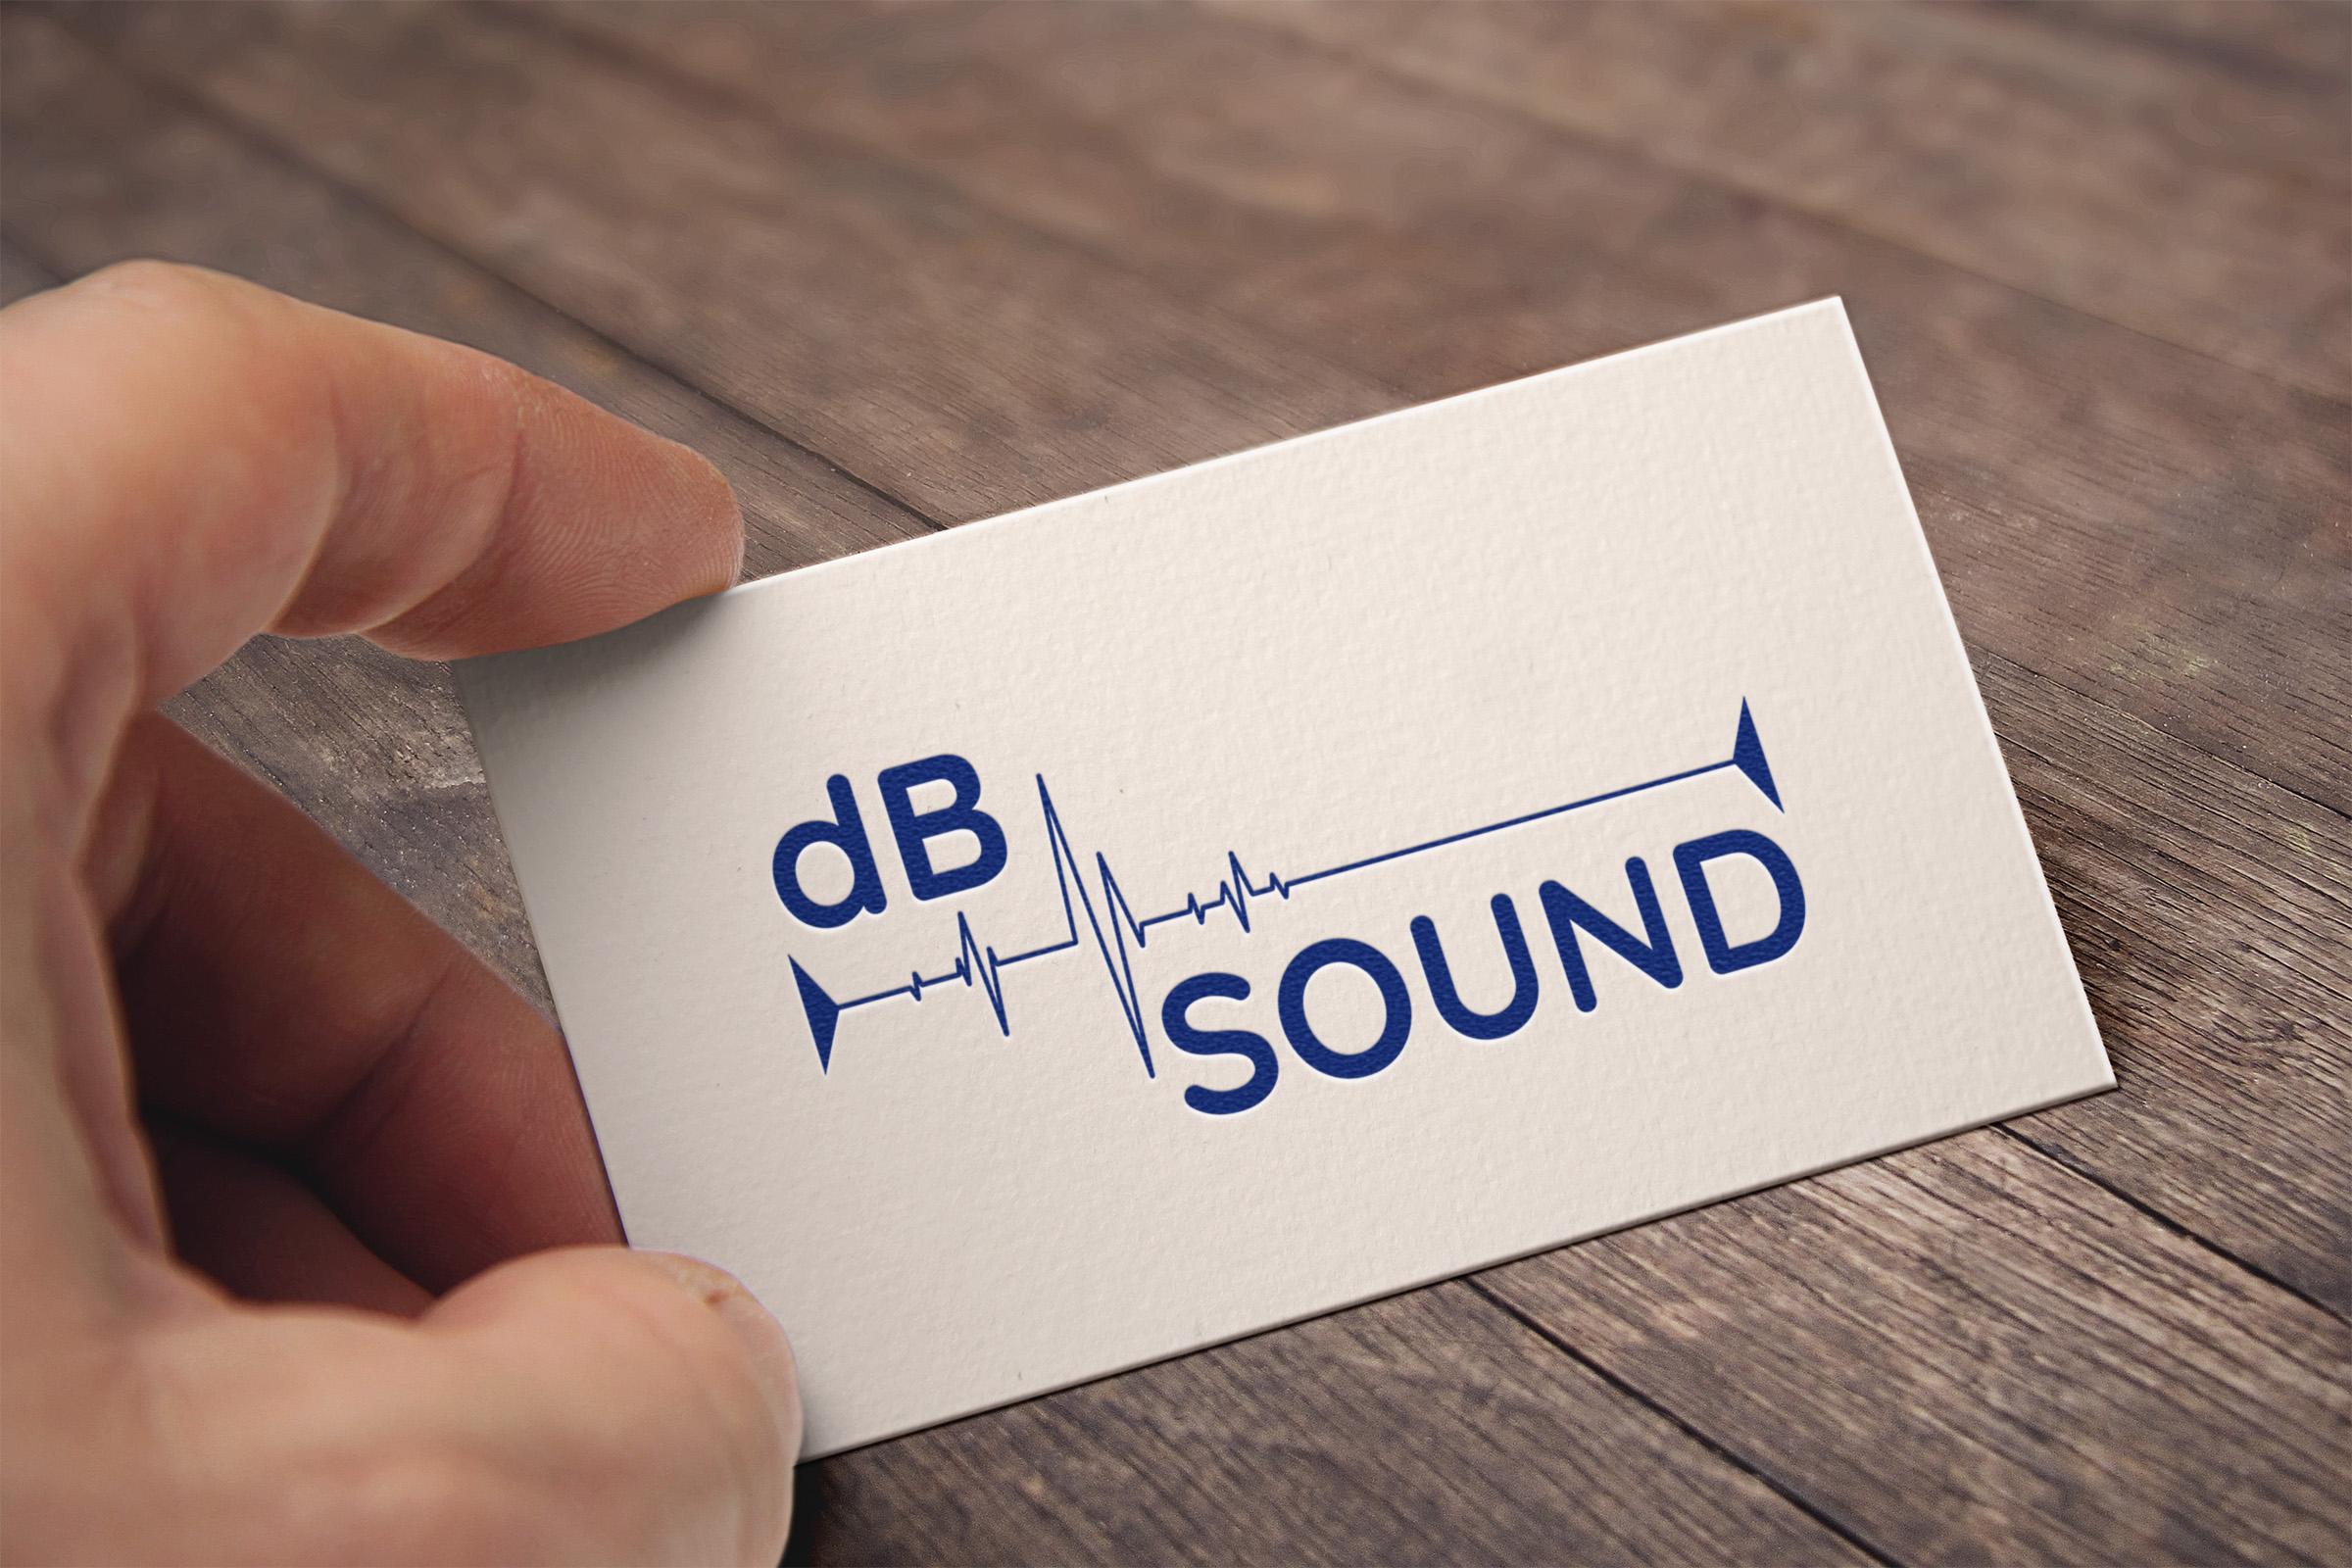 Создание логотипа для компании dB Sound фото f_48359b8a5f9ebcb9.jpg